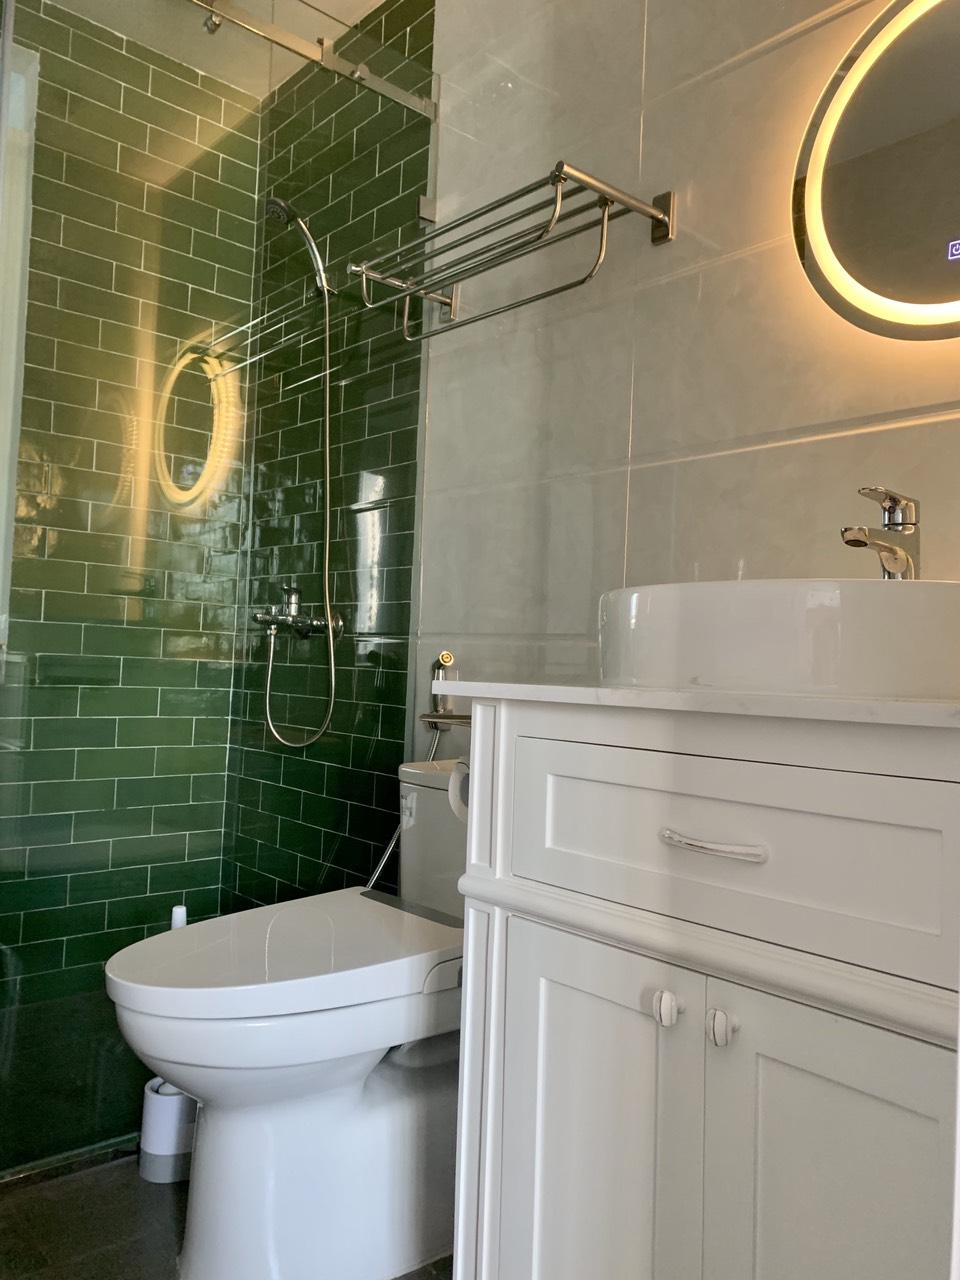 Thiết kế WC khép kín